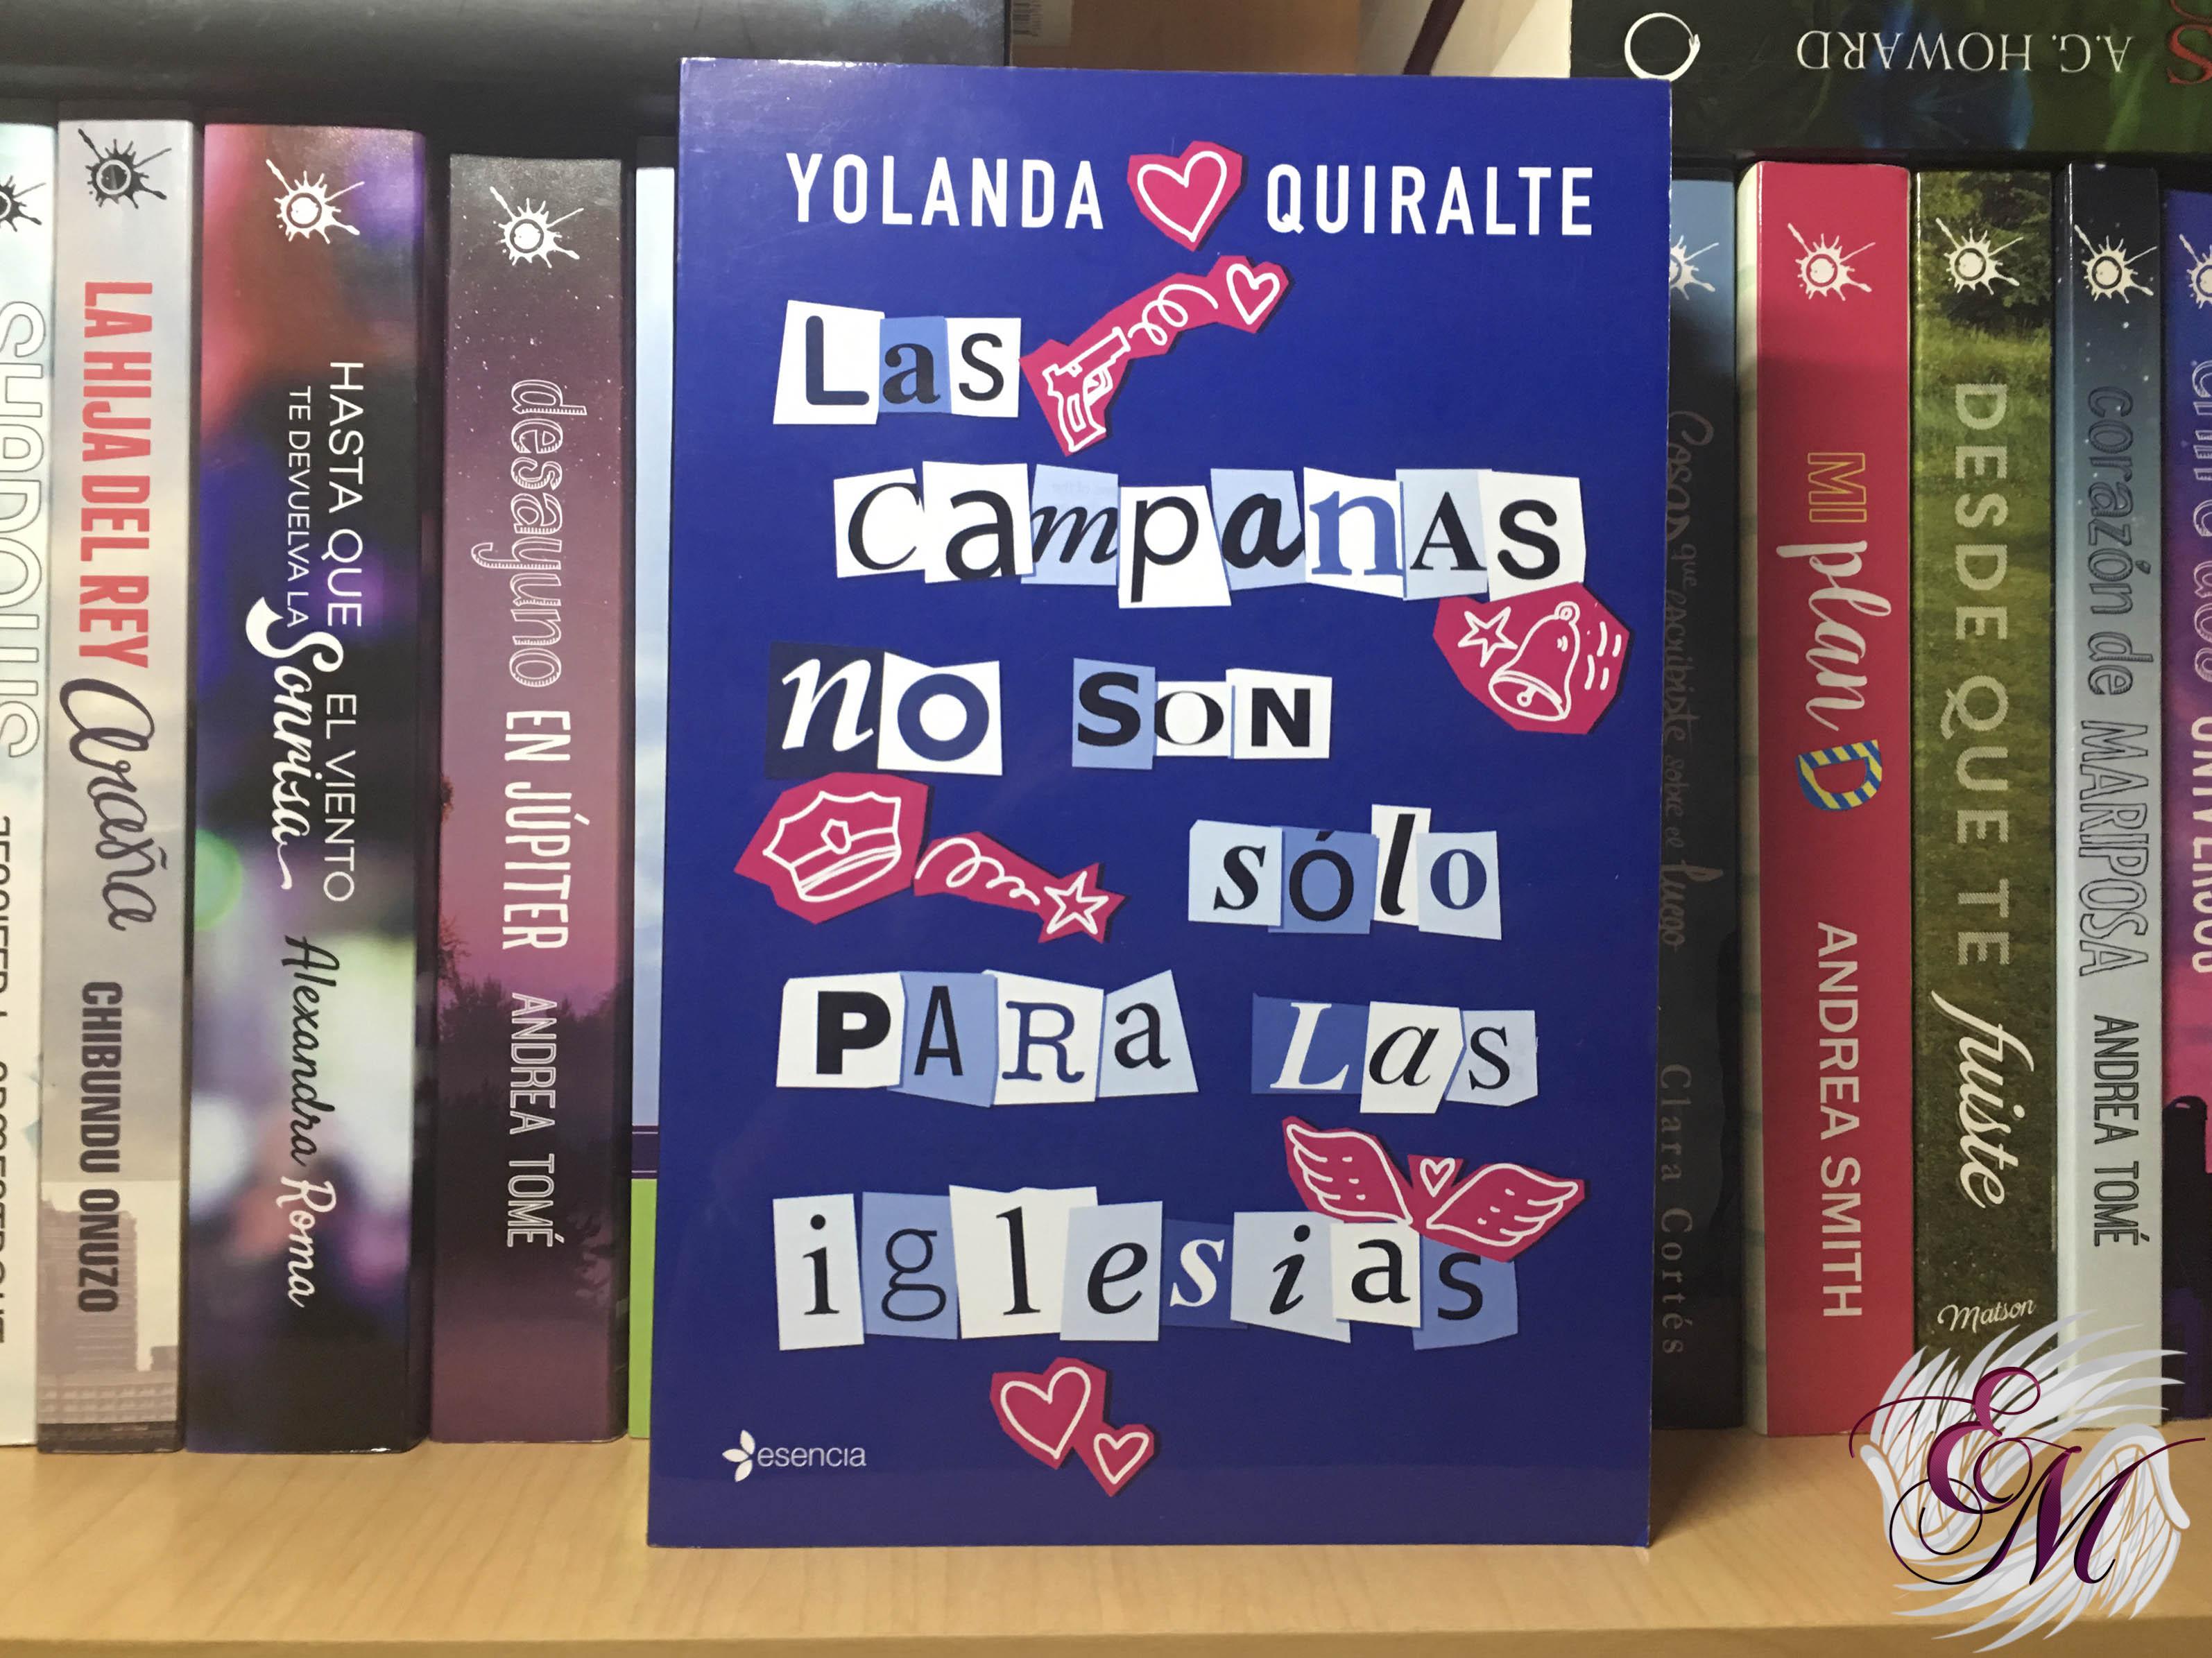 Las campanas no son sólo para las iglesias, de Yolanda Quiralte - Reseña